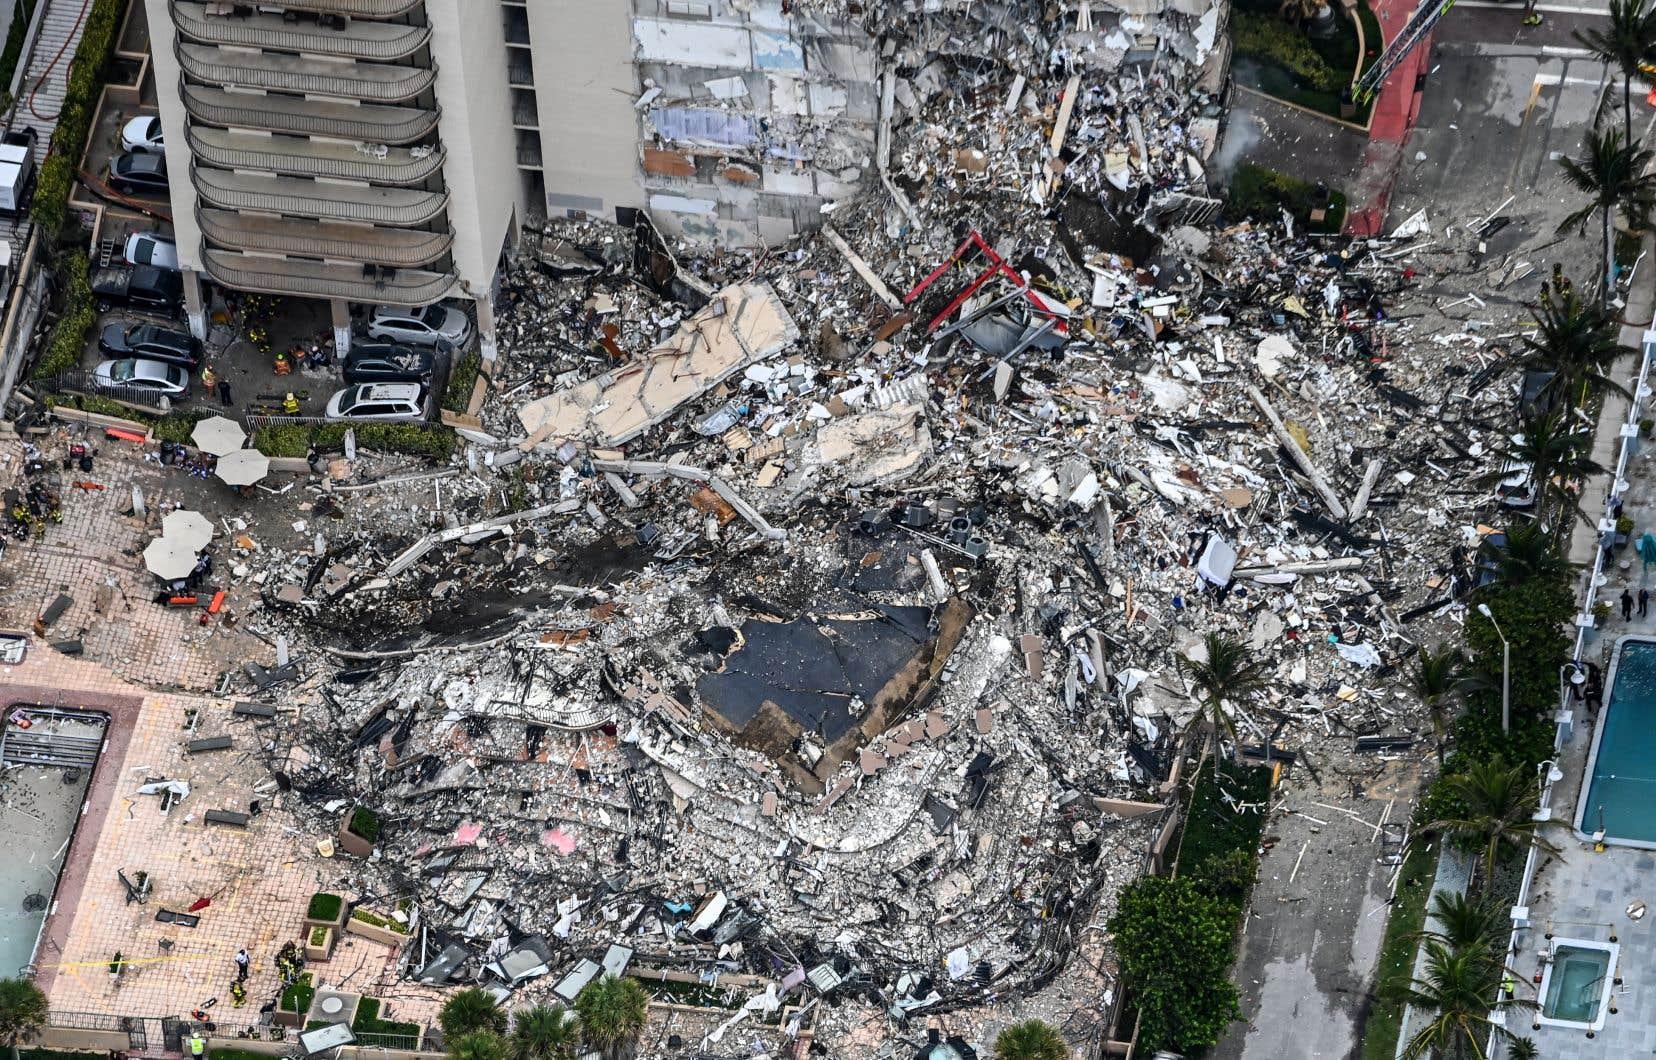 Le bâtiment à Surfside en Floride venait de passer un nouveau processus de certification requis 40ans après la construction, lorsqu'il s'est effondré.